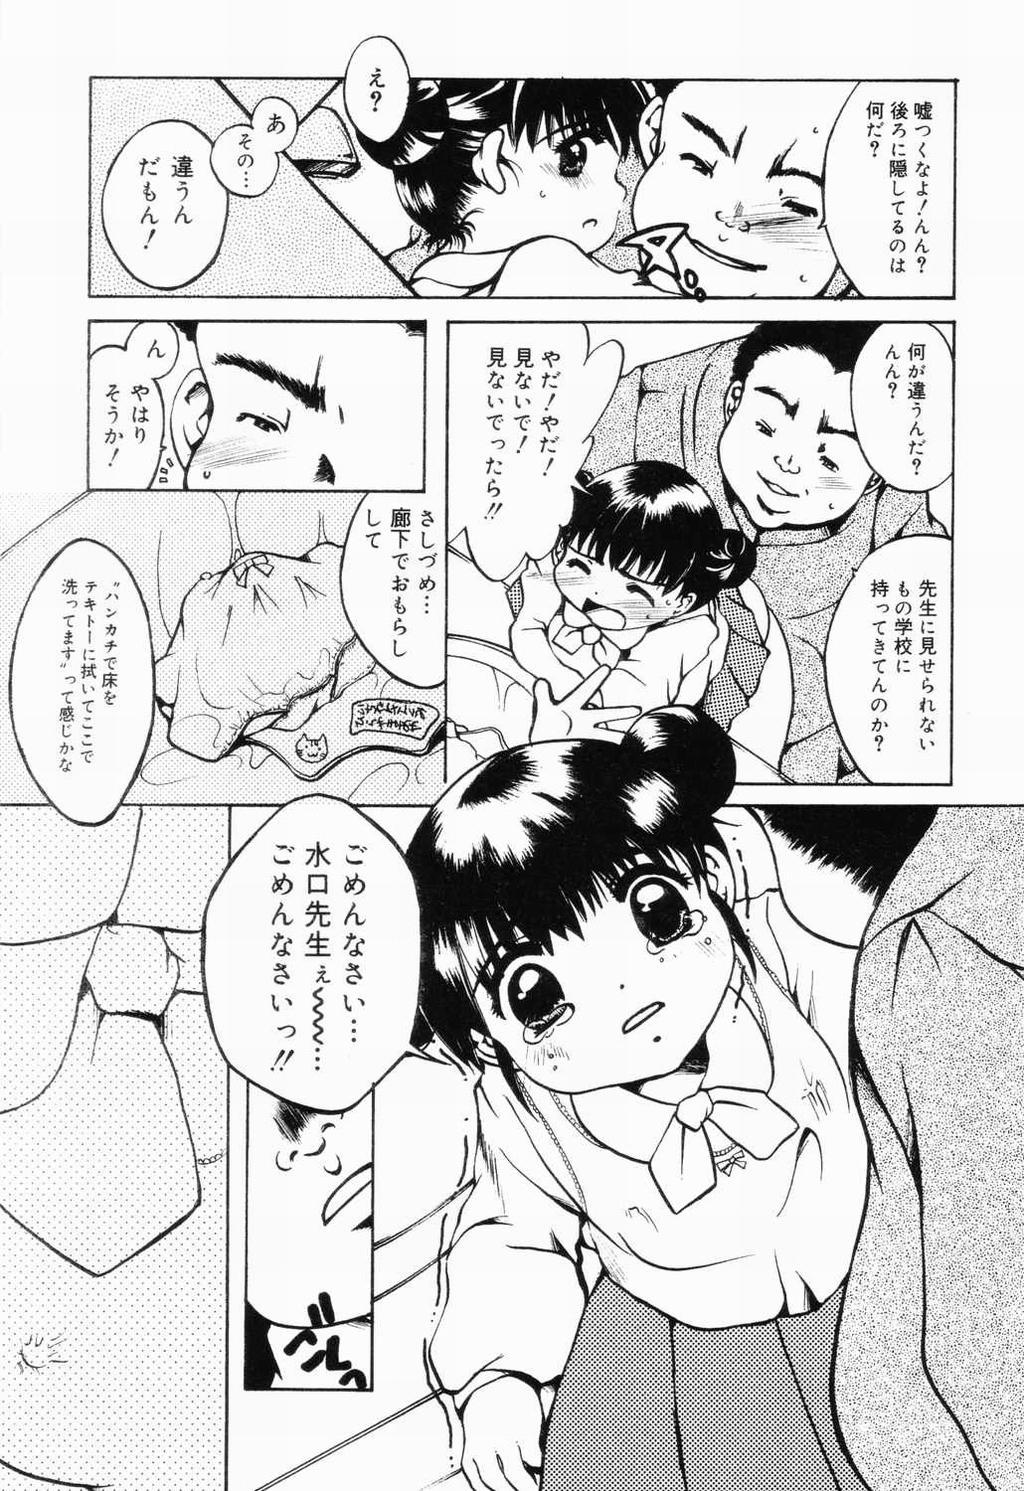 Picha Picha no Ichinensei 72